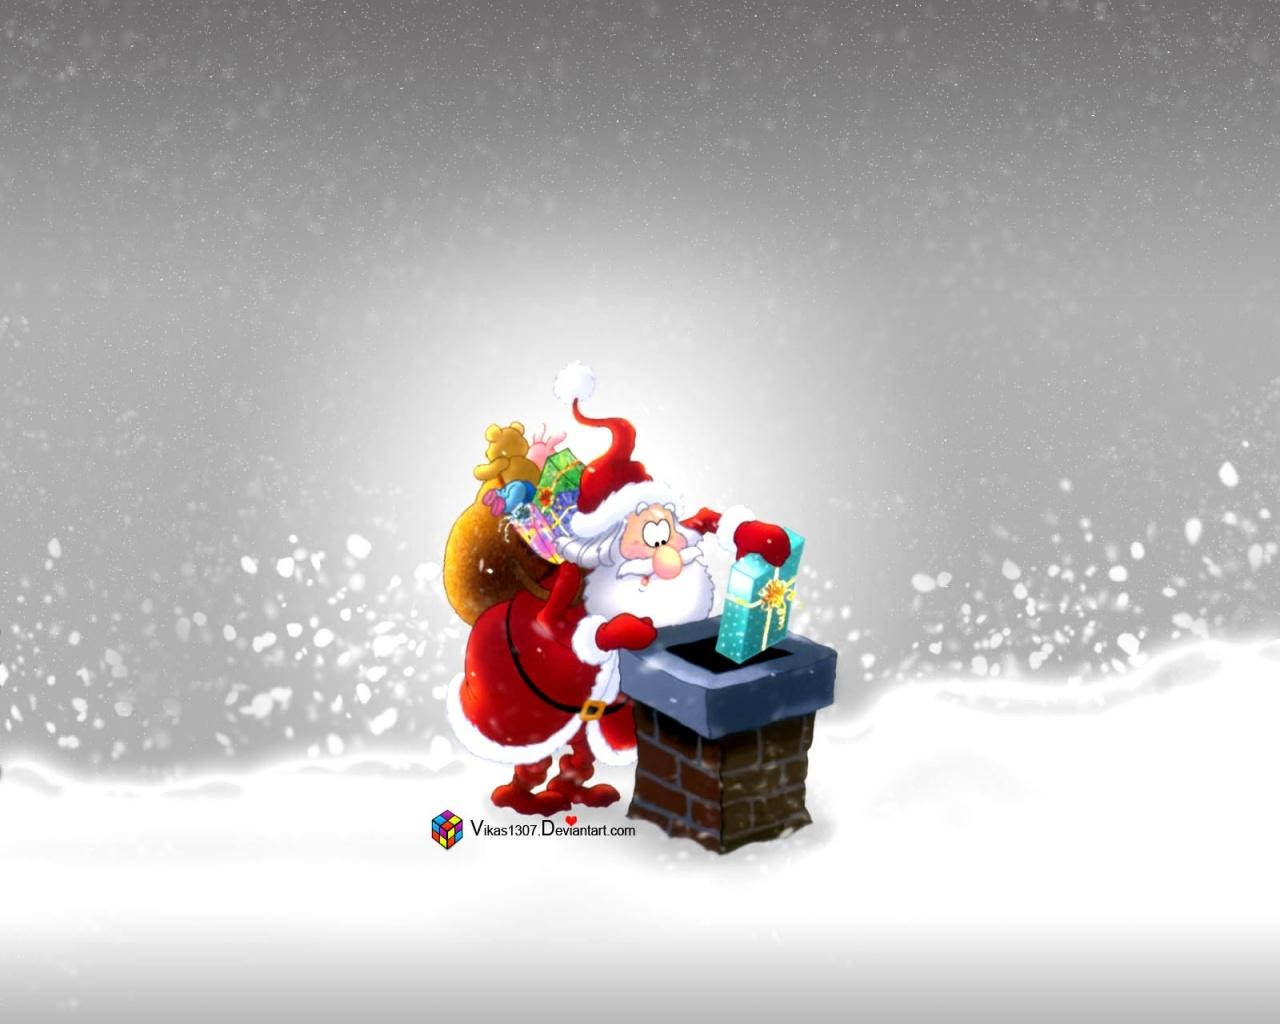 Hintergrundbilder : Illustration, Schnee, Winter, Grafikdesign, Eis ...